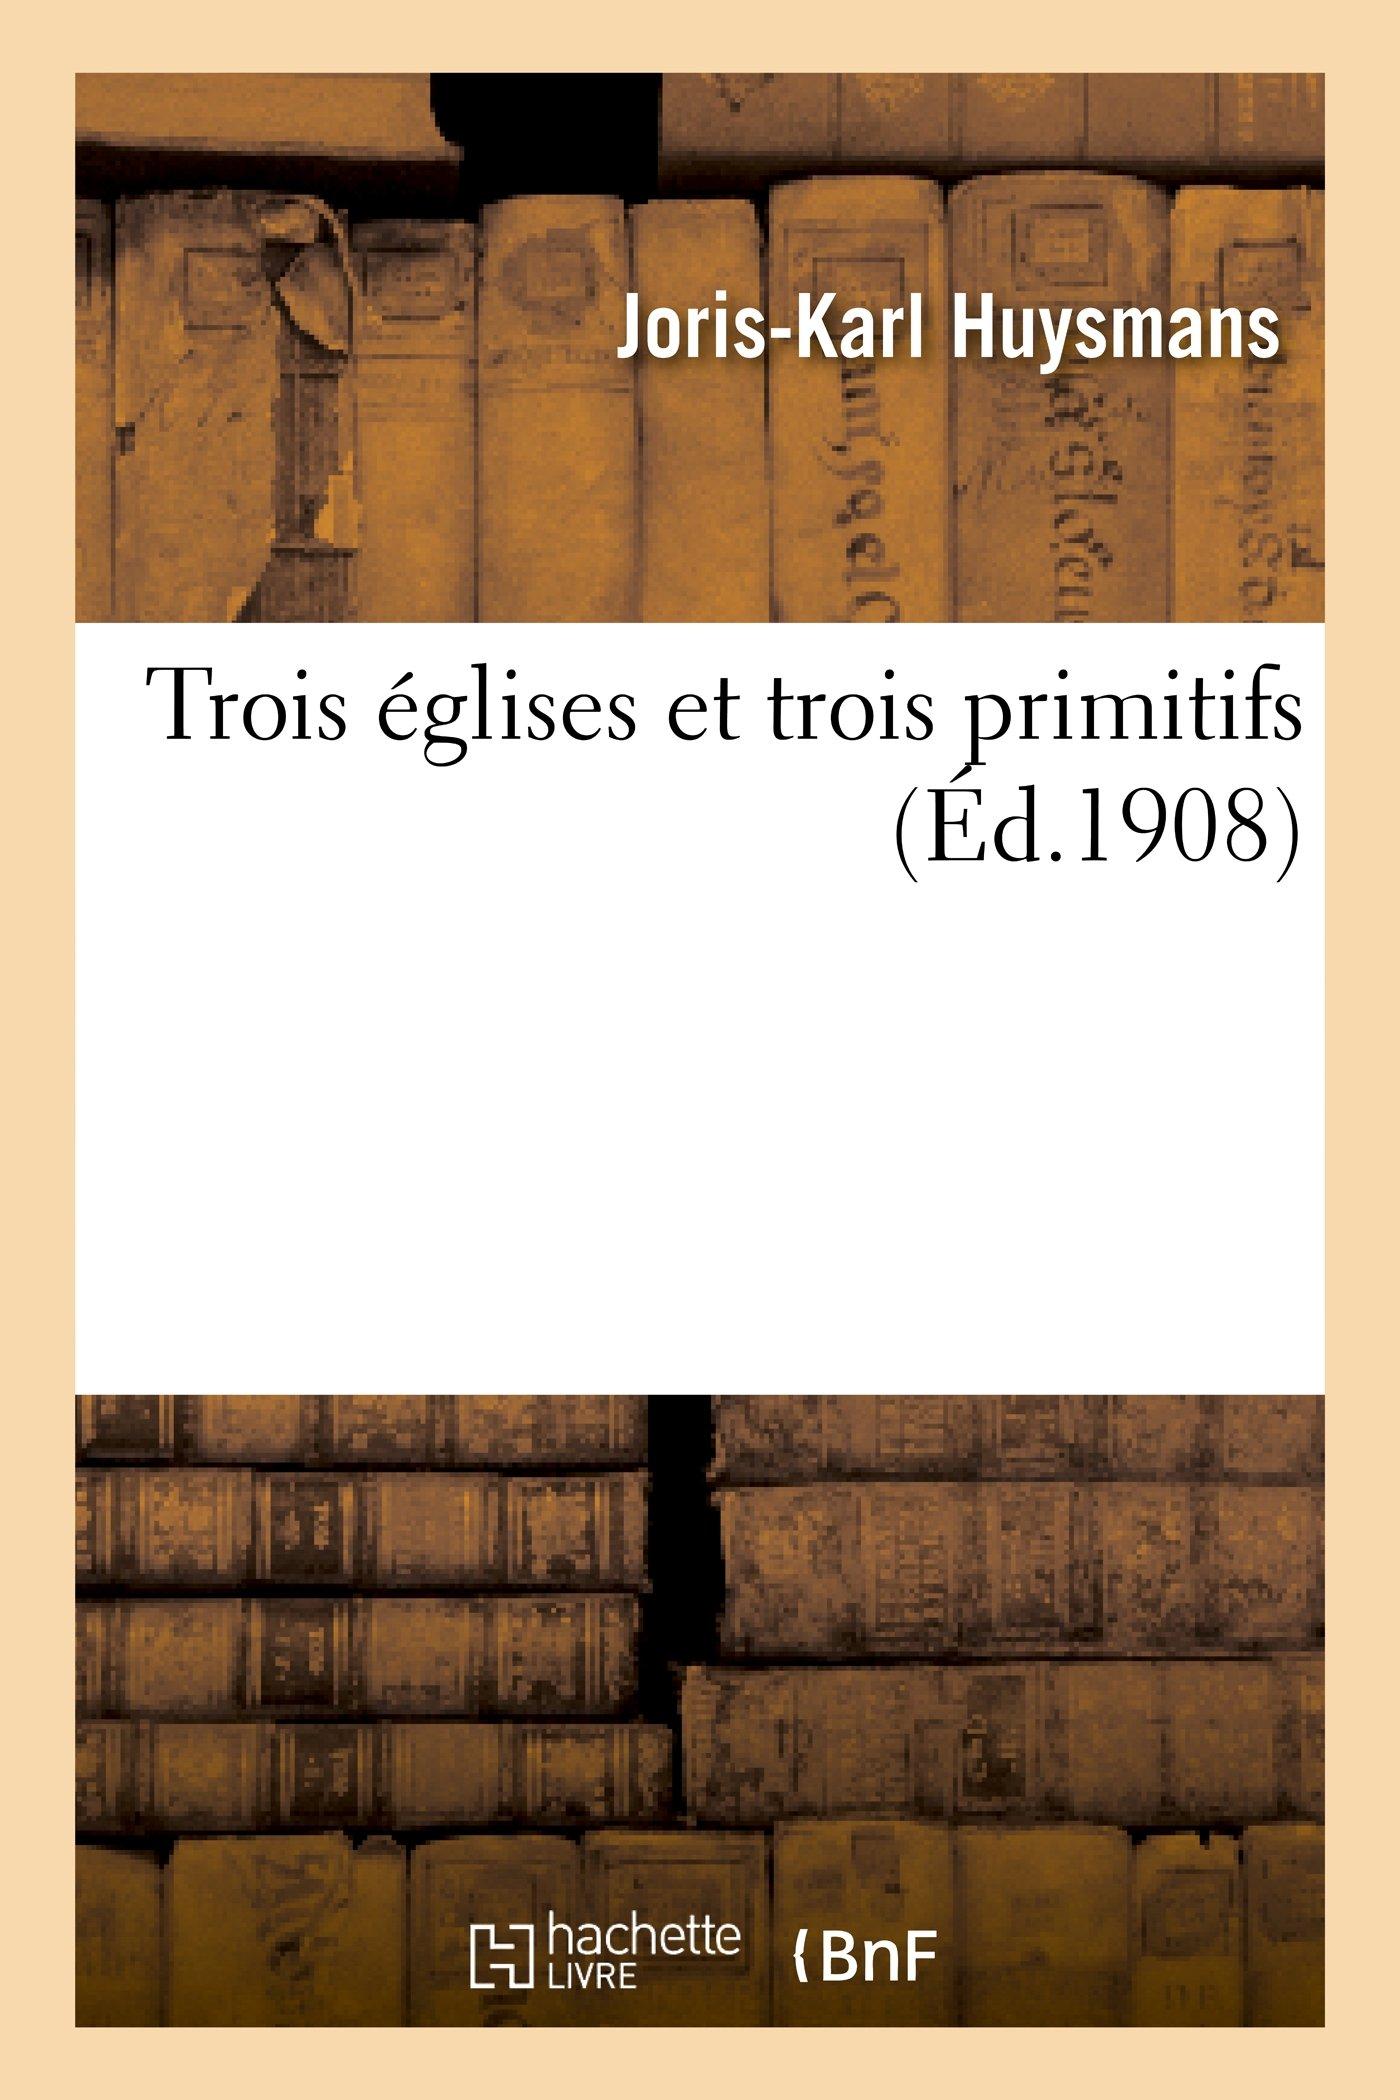 Trois églises et trois primitifs Broché – 1 avril 2013 Joris-Karl Huysmans Hachette Livre BNF 2012779441 Ecrits sur l'art